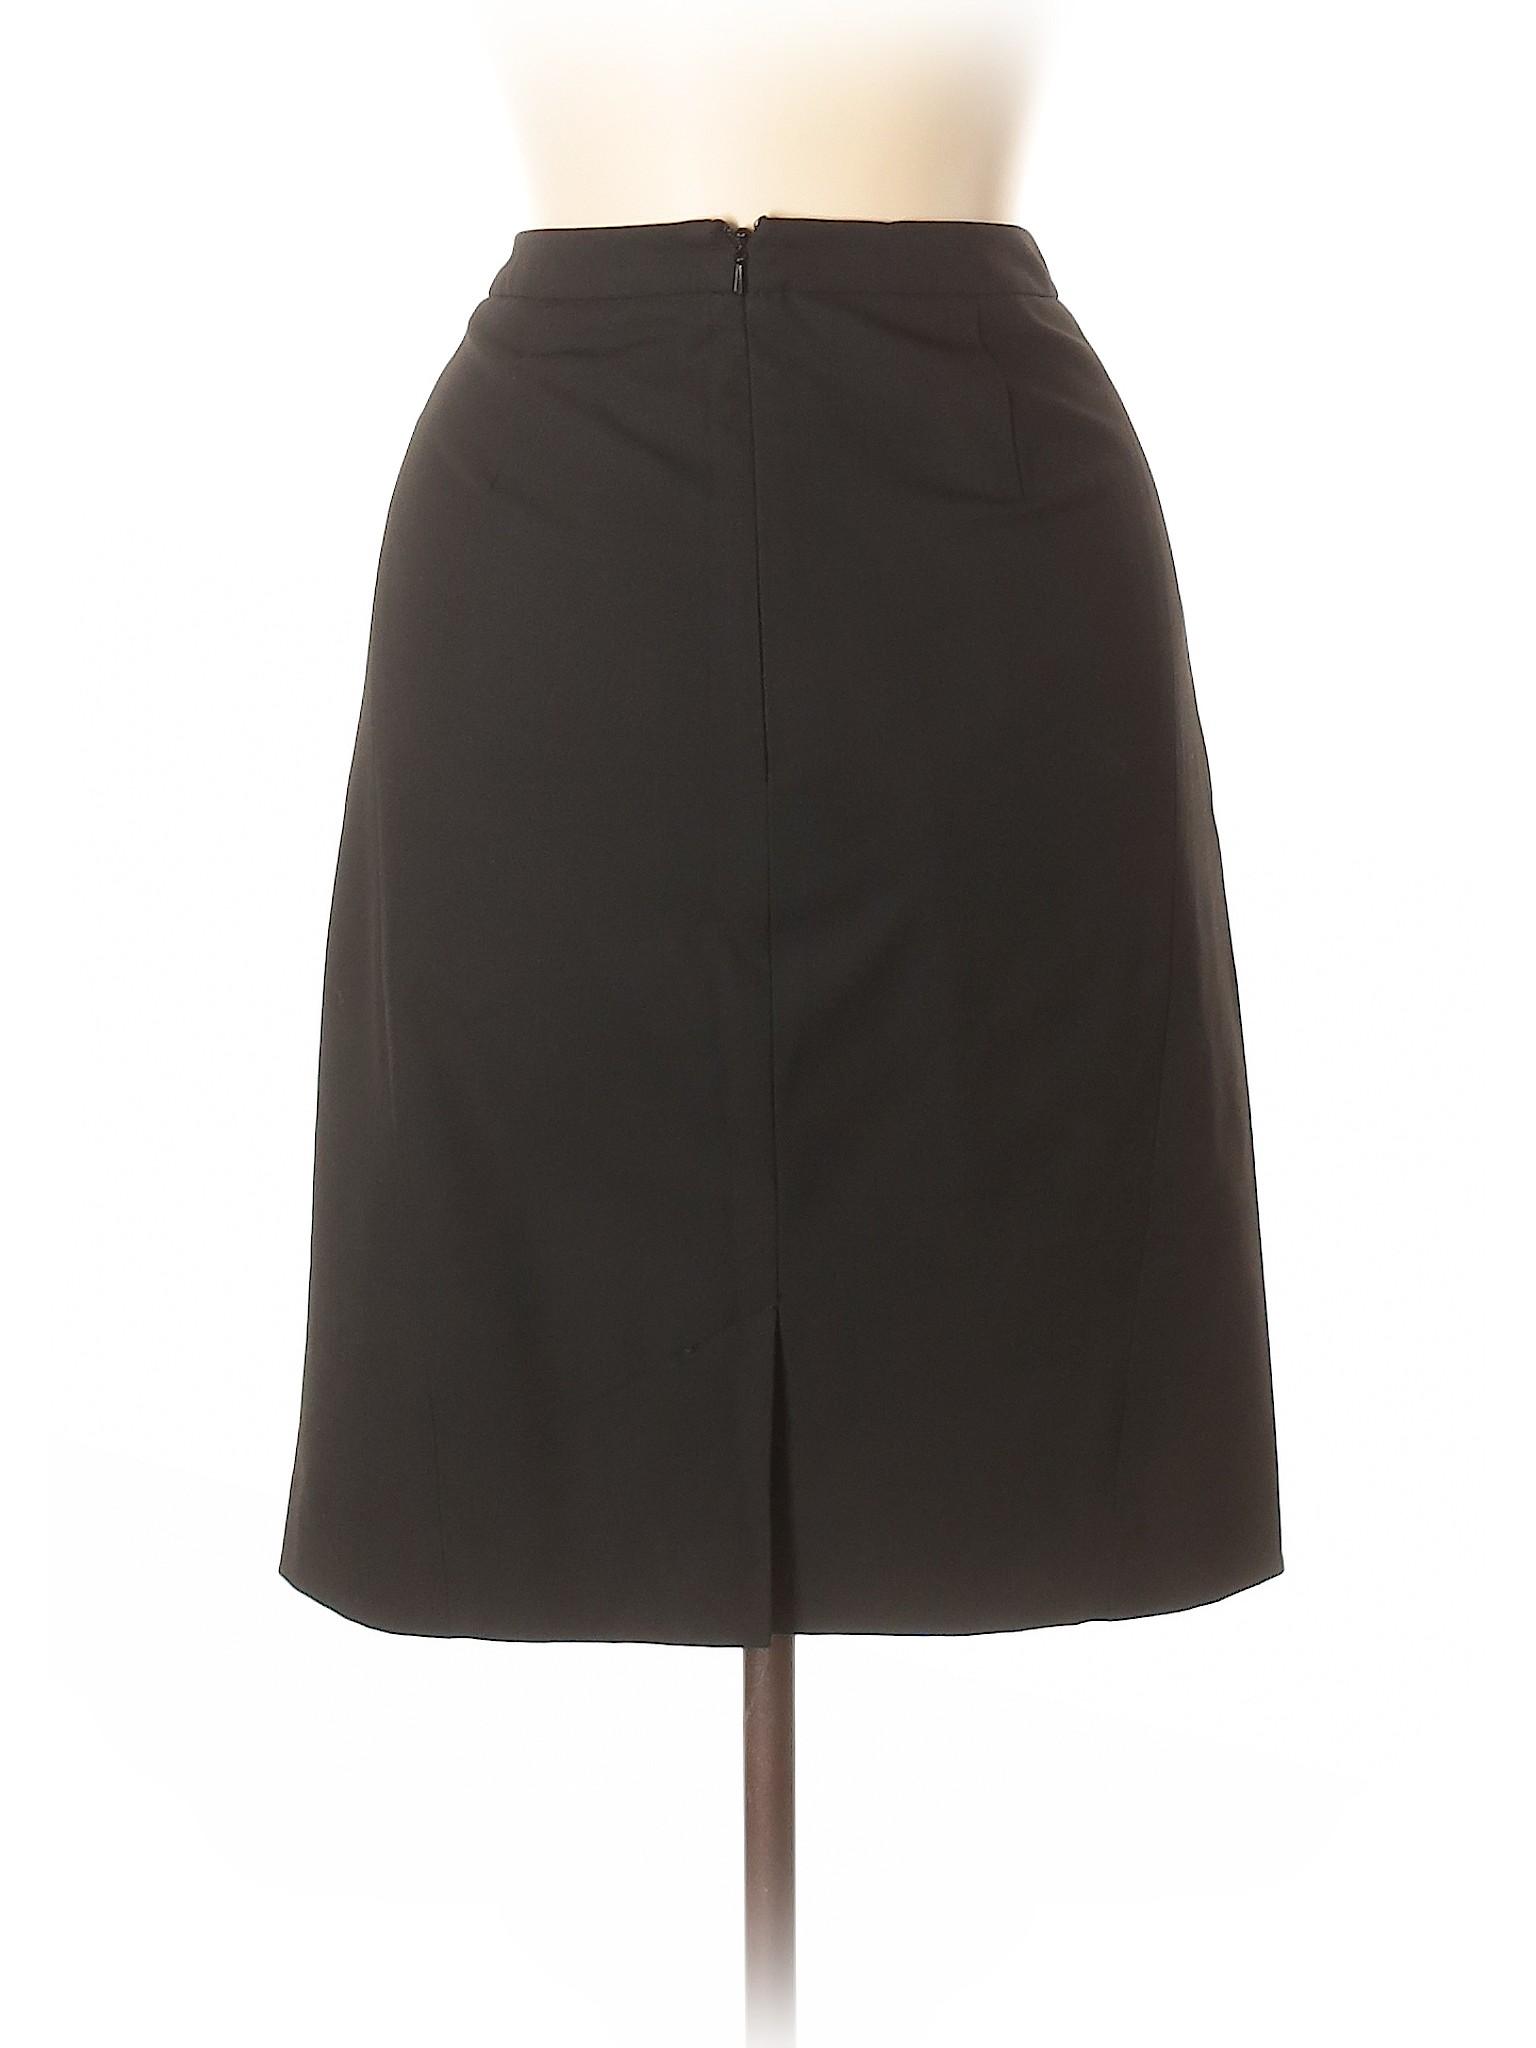 Skirt Boutique Casual Halogen Boutique Halogen xRnqBvnw8P